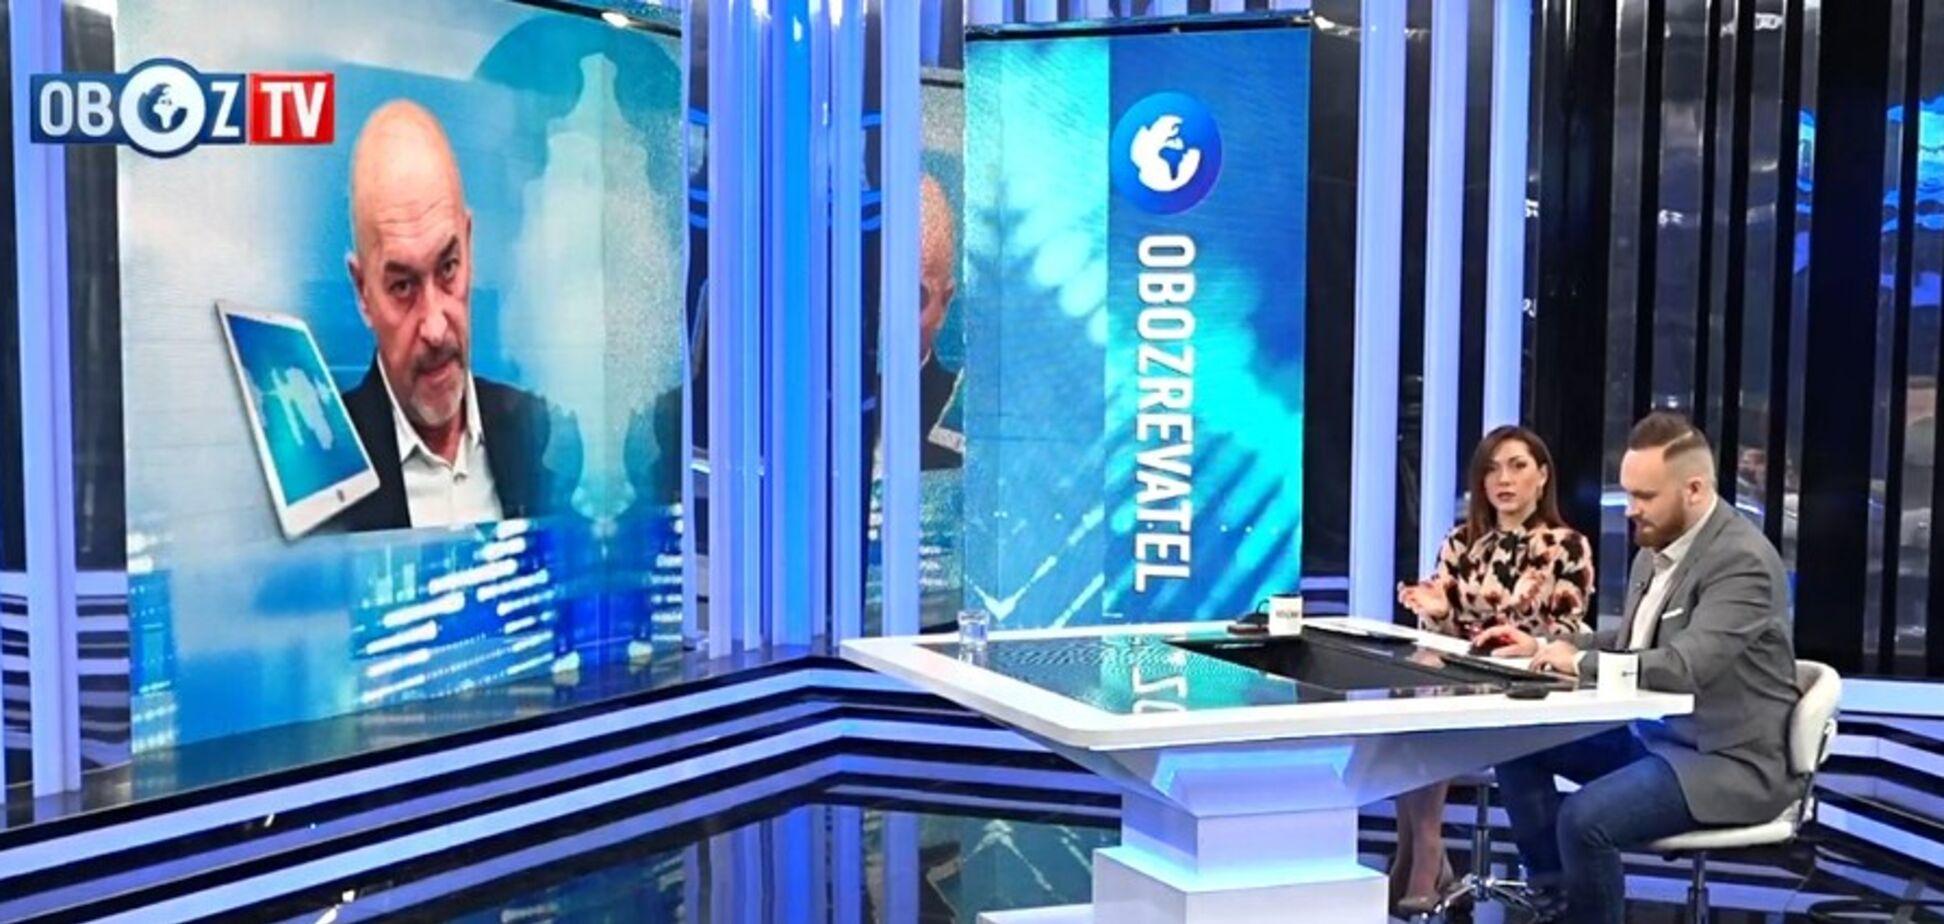 'Считает Украину частью РФ': Зеленскому указали на результат 'понимания' Путина